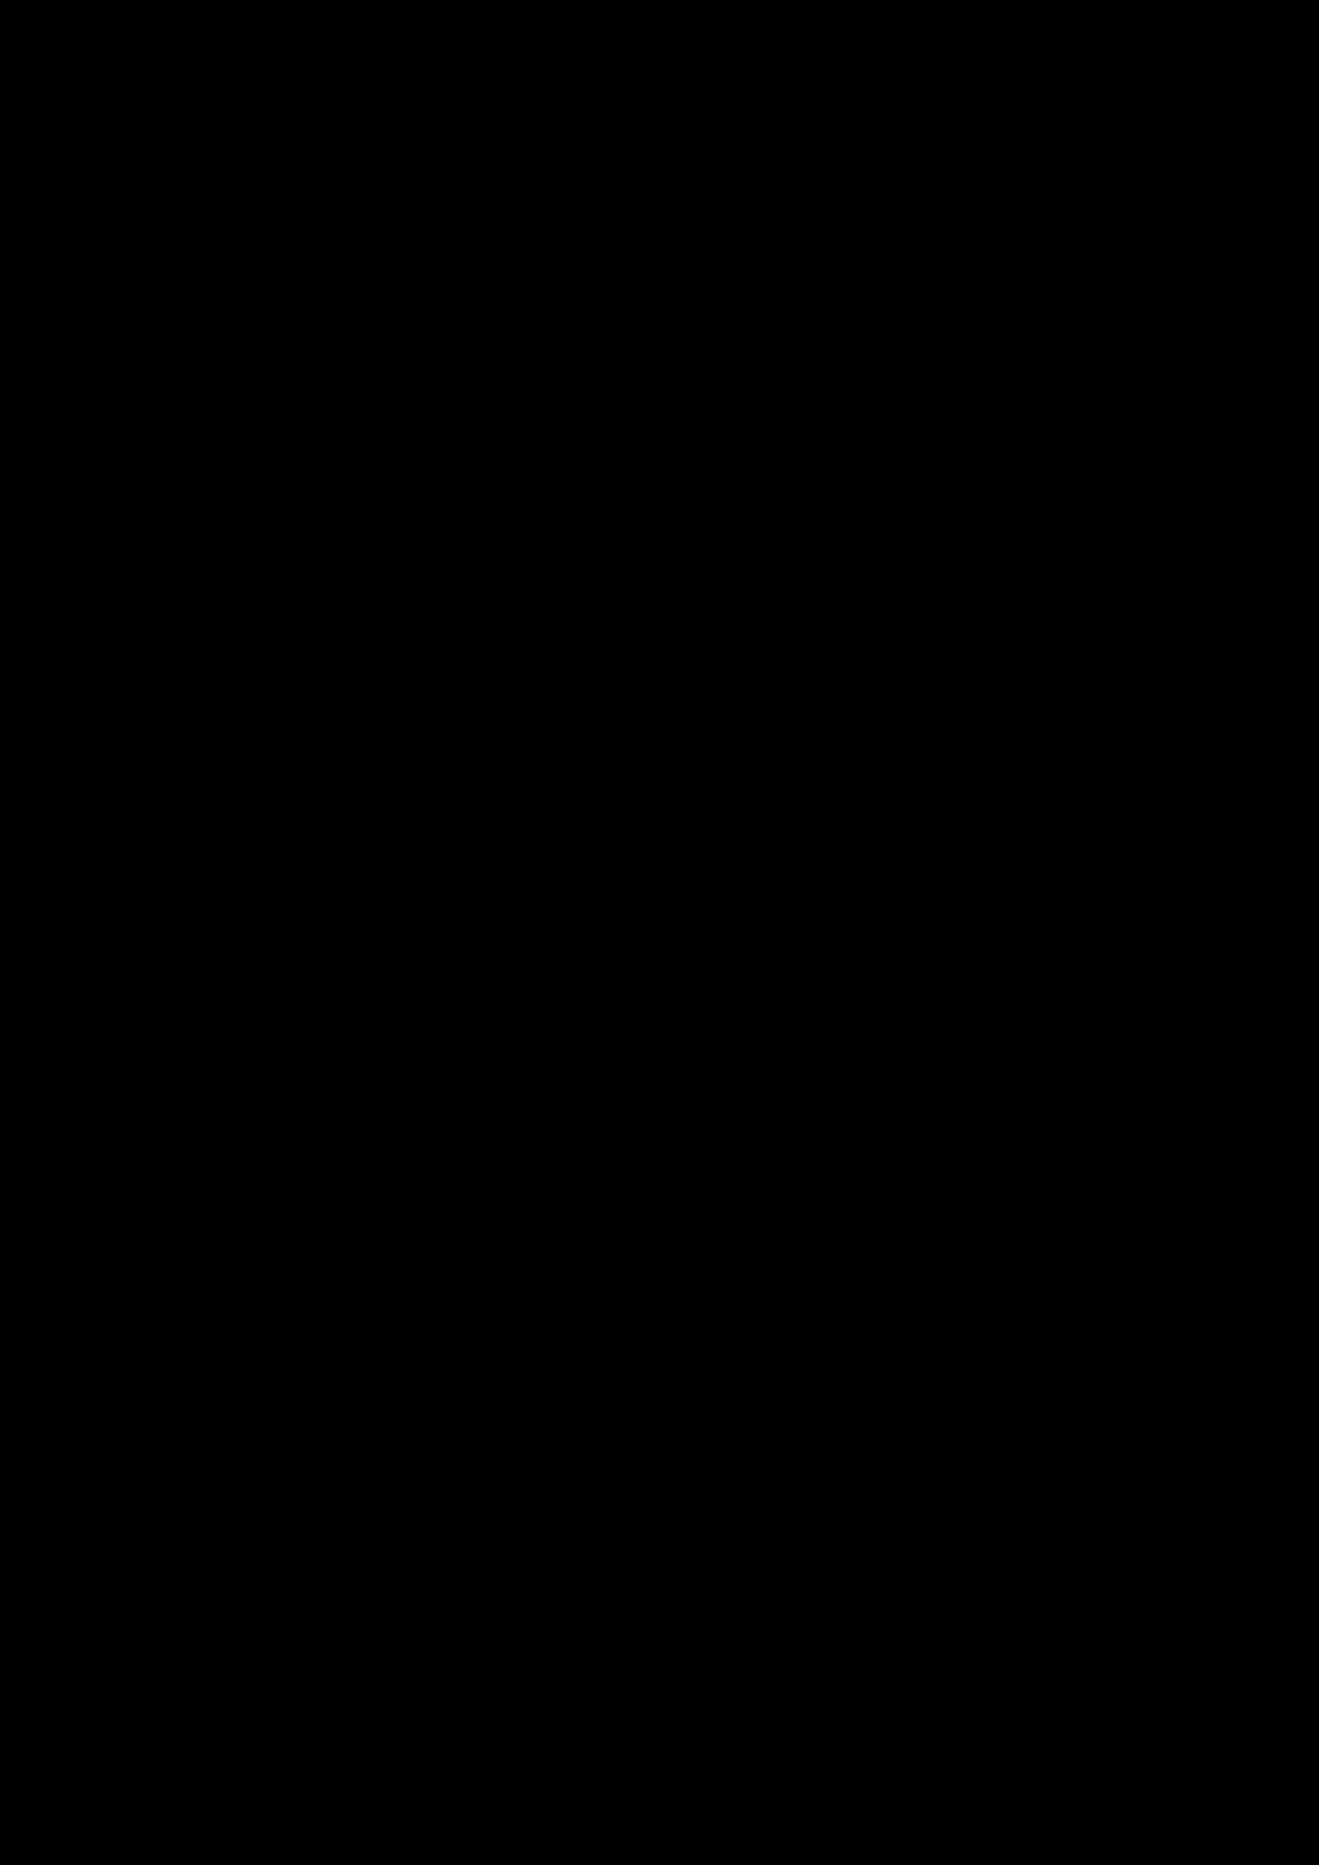 Diktsamling av Henrik Nord - När tiden vilar i skuggan av ett träd - illustration